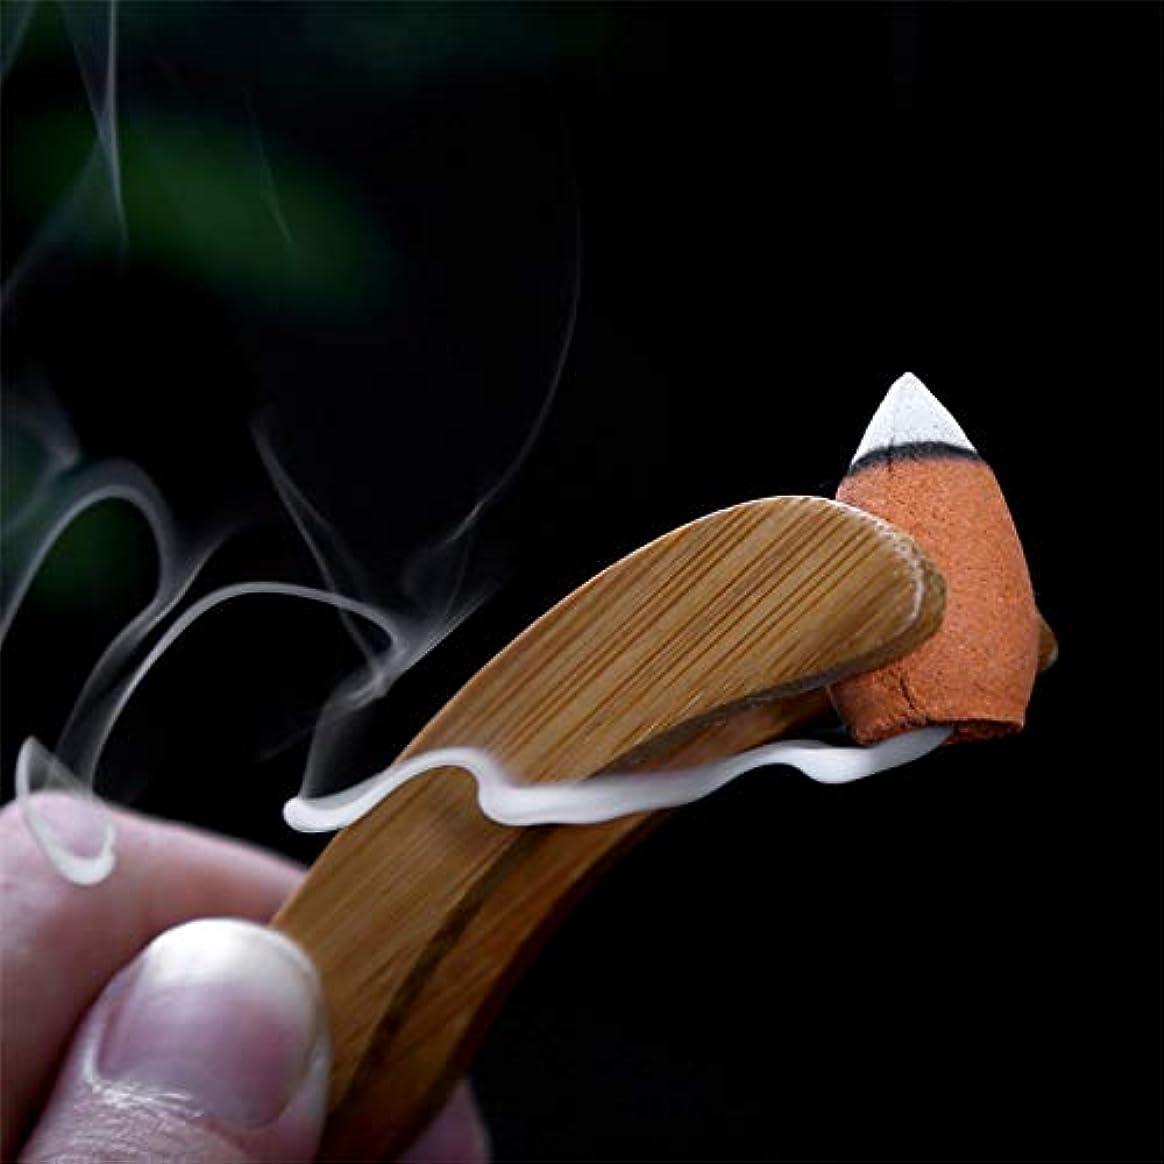 反発考古学者ズボンAGVTUO 40pcs / Box Natural Sandalwood Pagoda Incense Backflow Cones Grain Scented Indoor Relaxing Relieve Stress